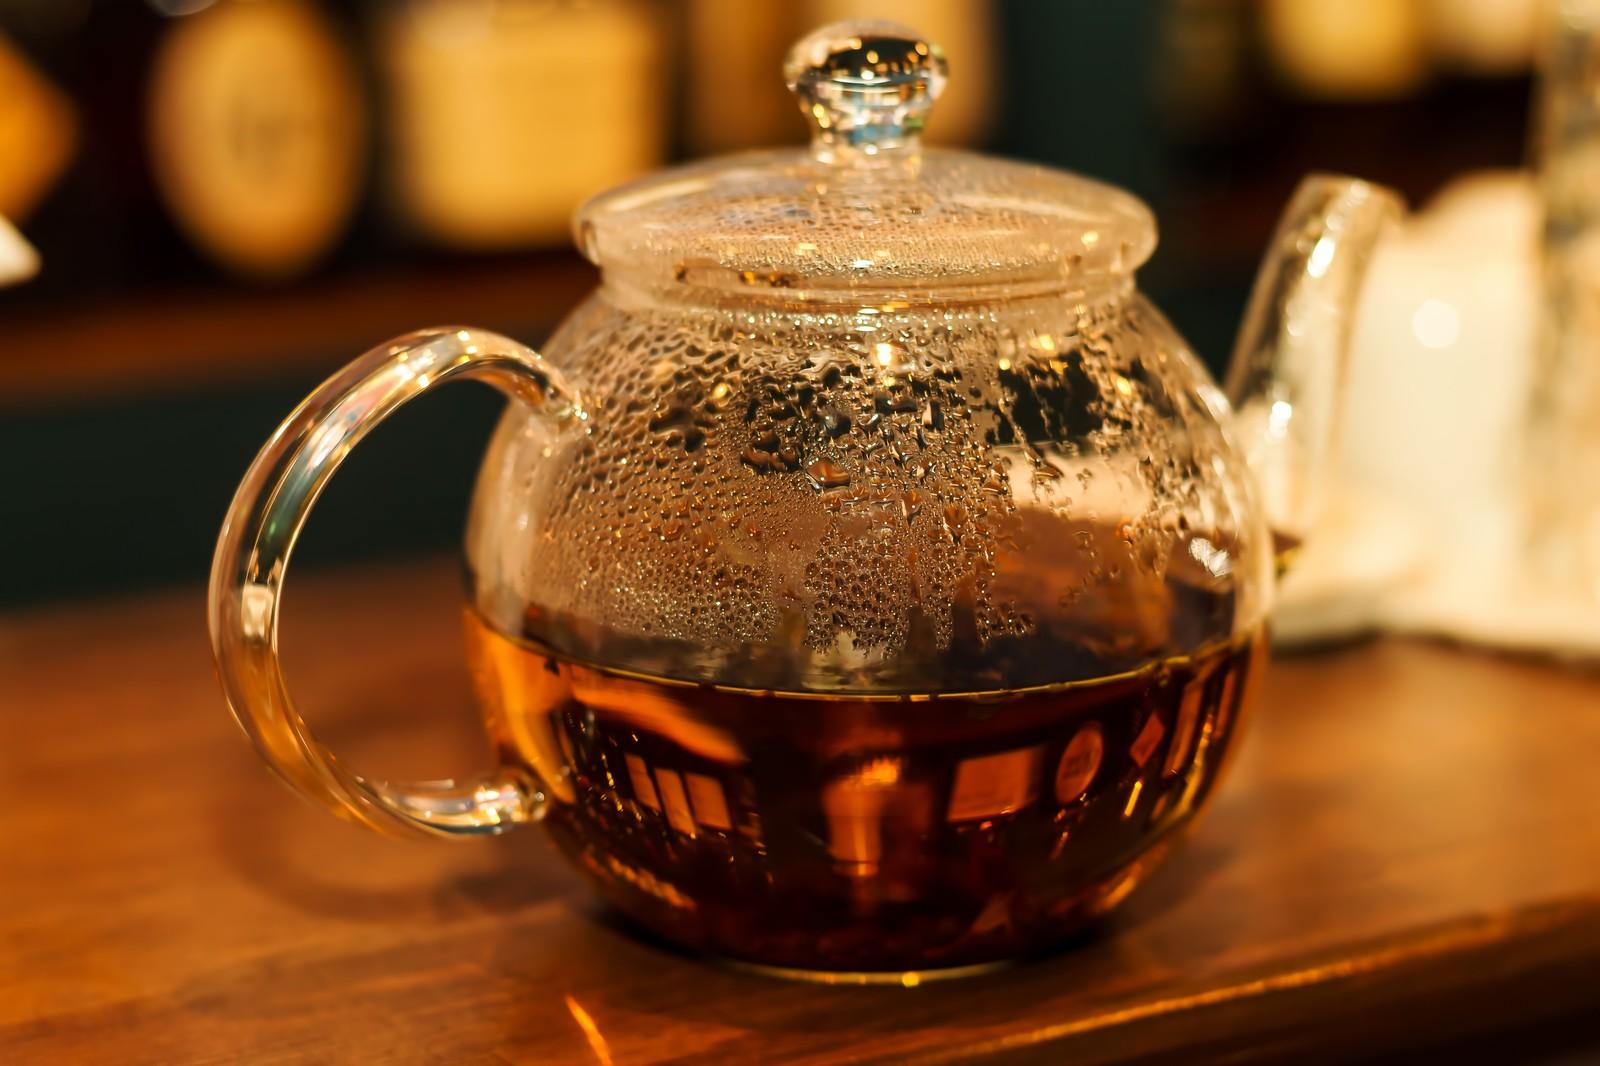 アイスティー腎症の疑いで紅茶やめました。結果背中の痛みが消えた